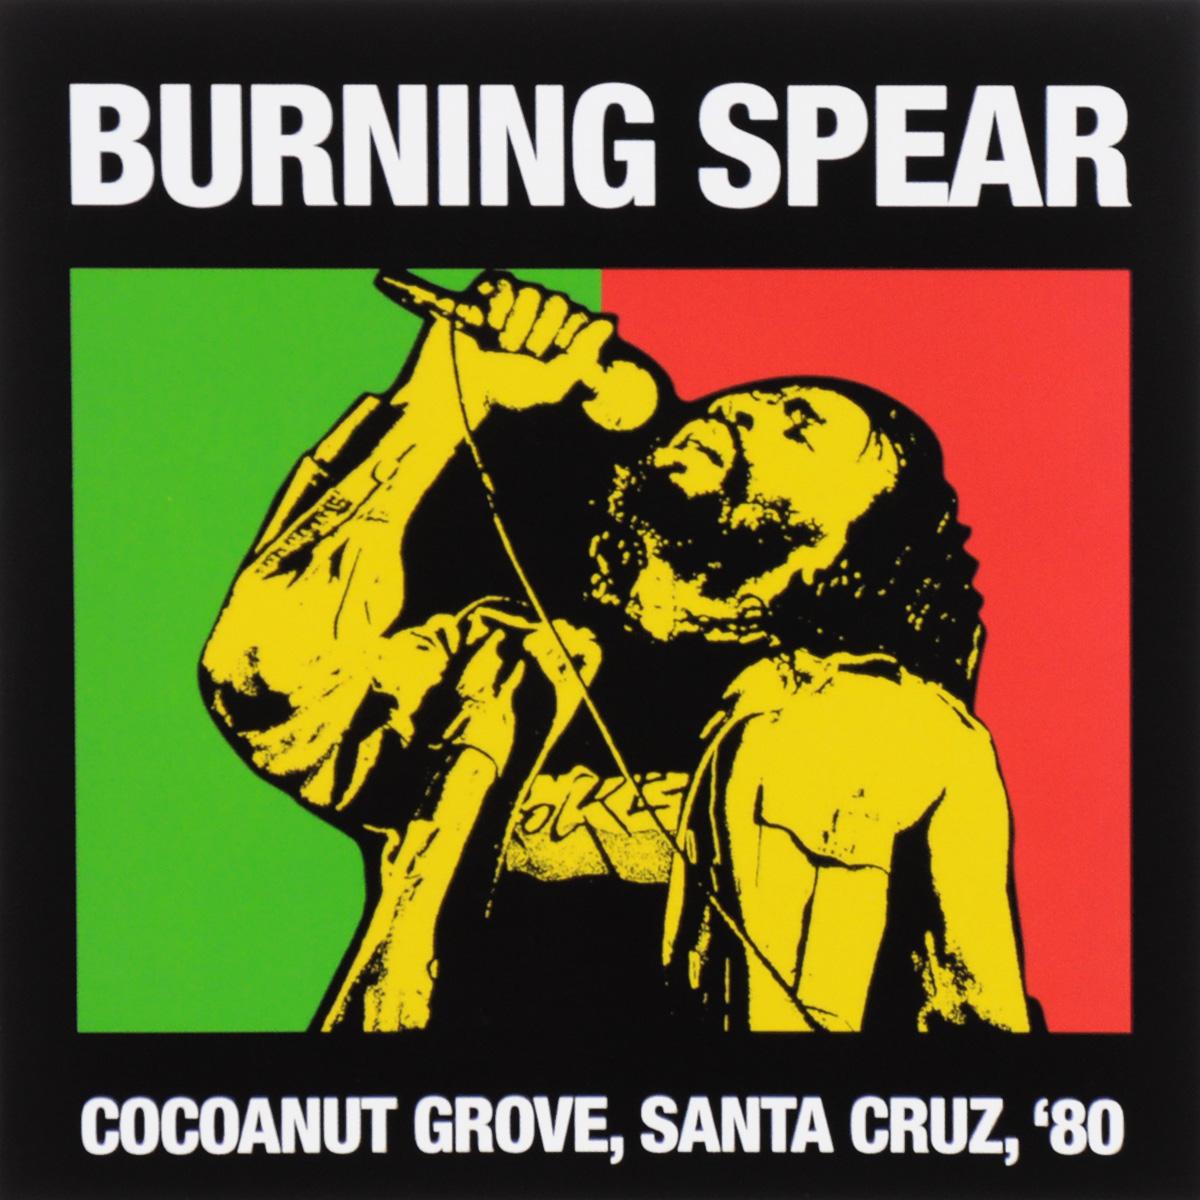 Бернинг Спир Burning Spear. Cocoanut Grove, Santa Cruz, '80 (2 CD) бернинг спир burning spear marcus garvey lp